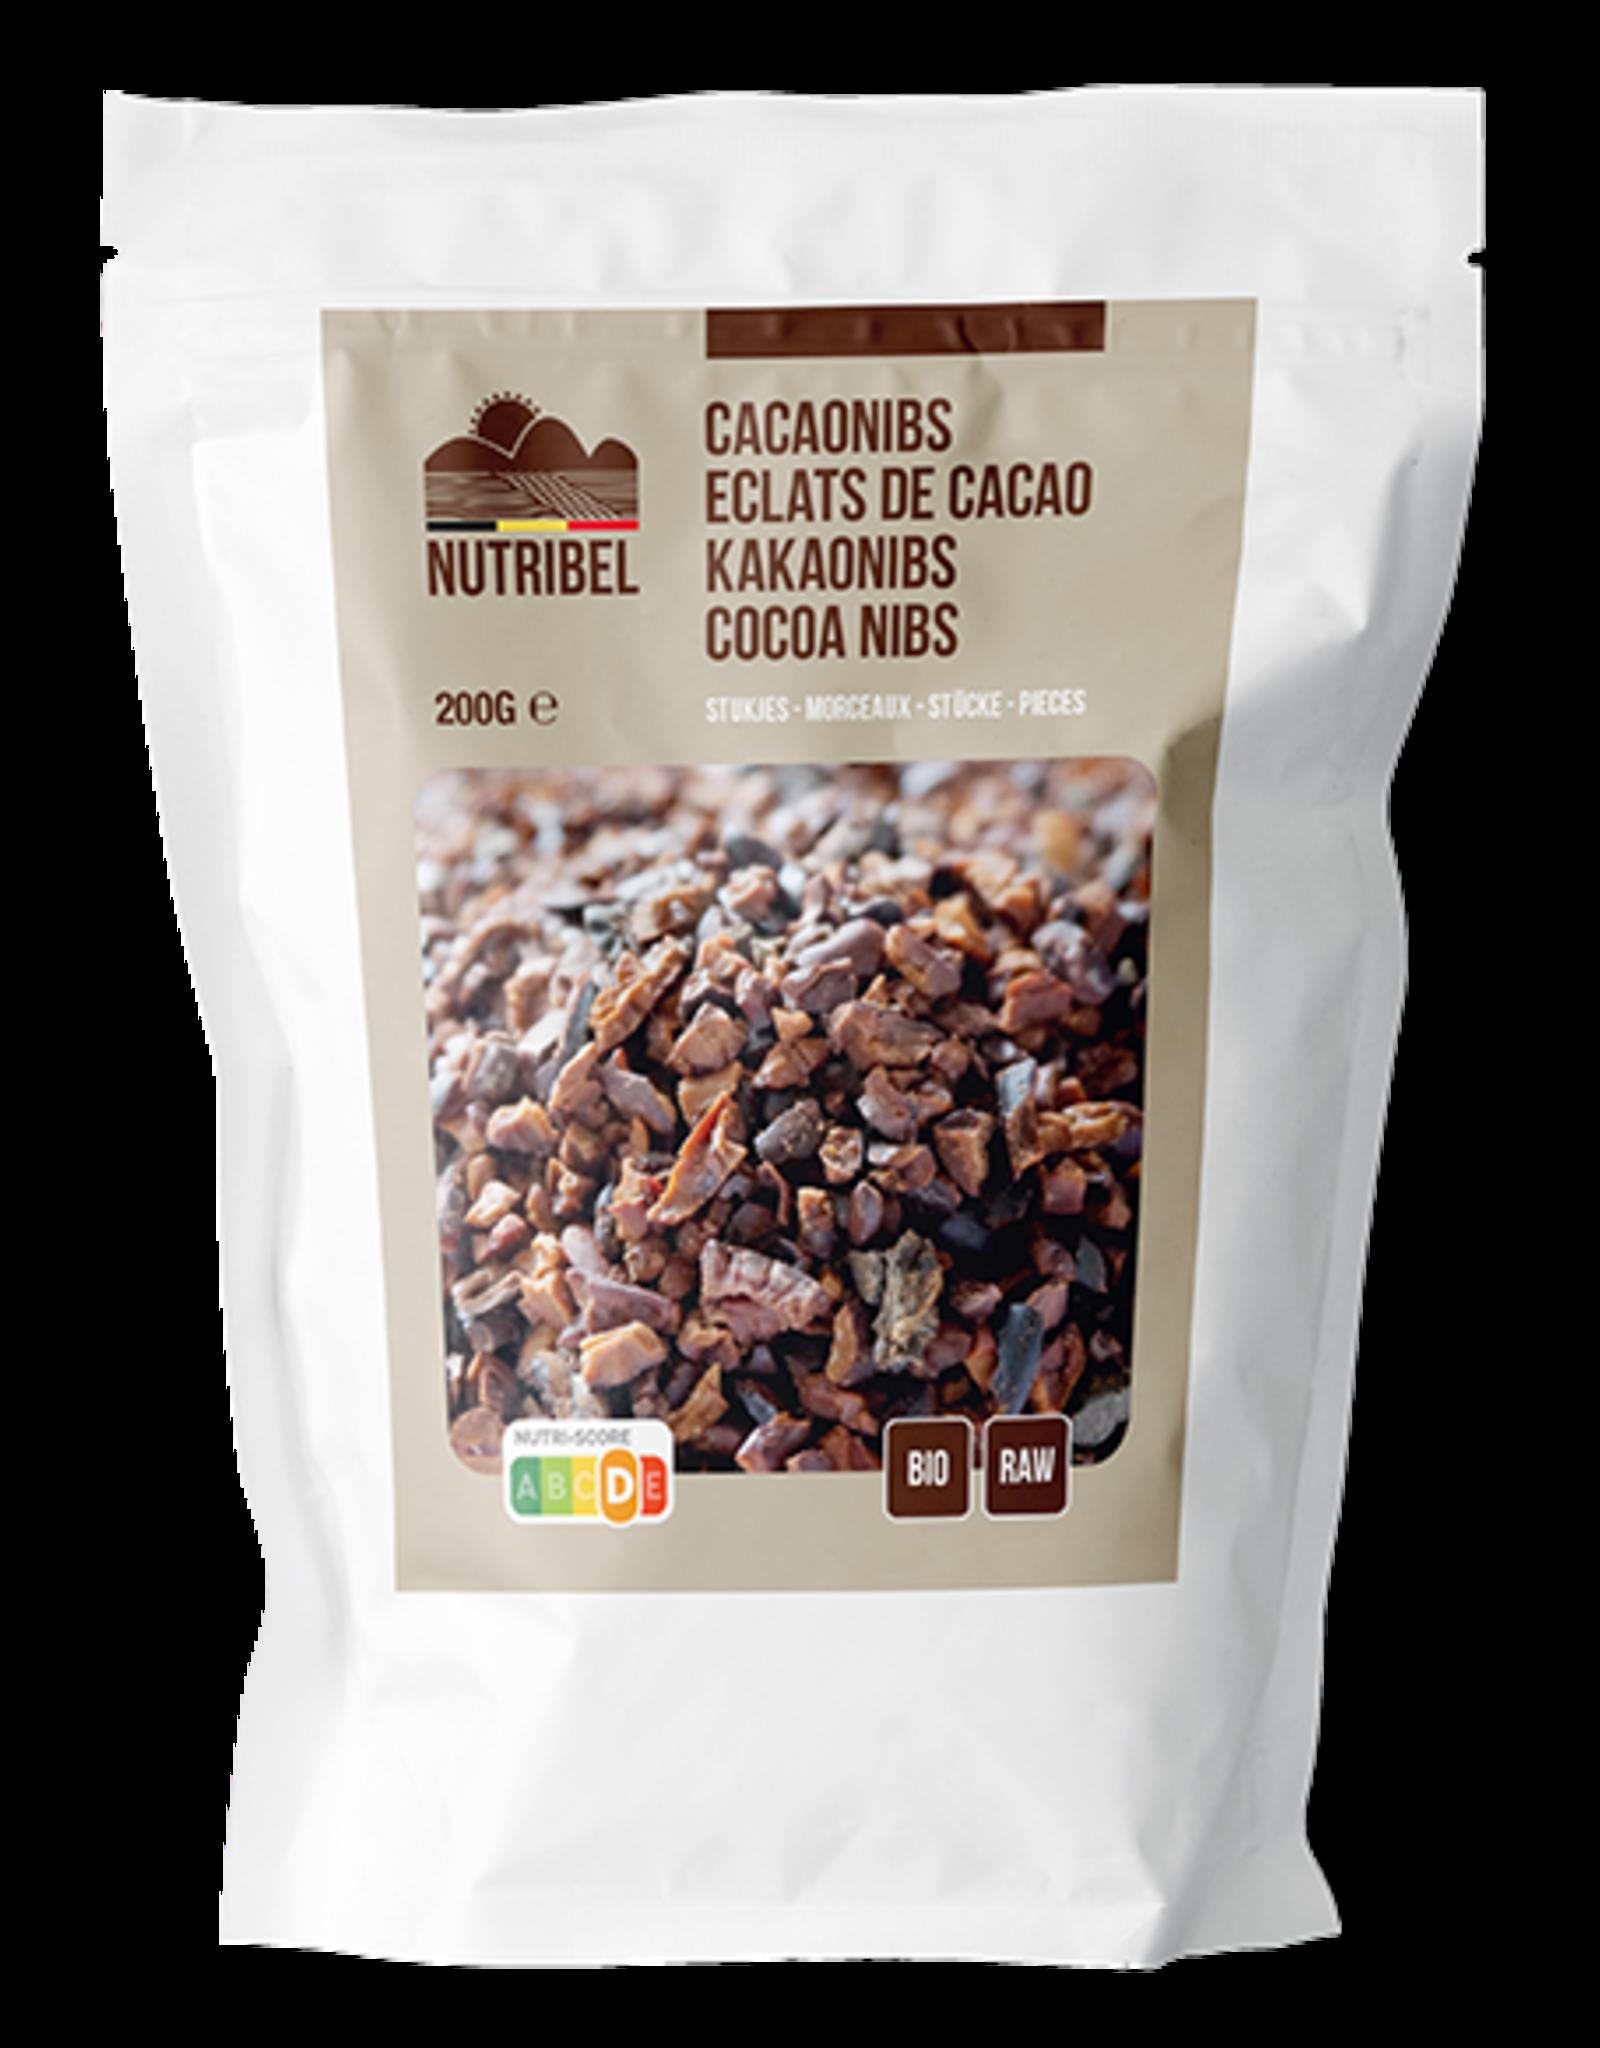 Nutribel Cacao nibs bio & raw 200g